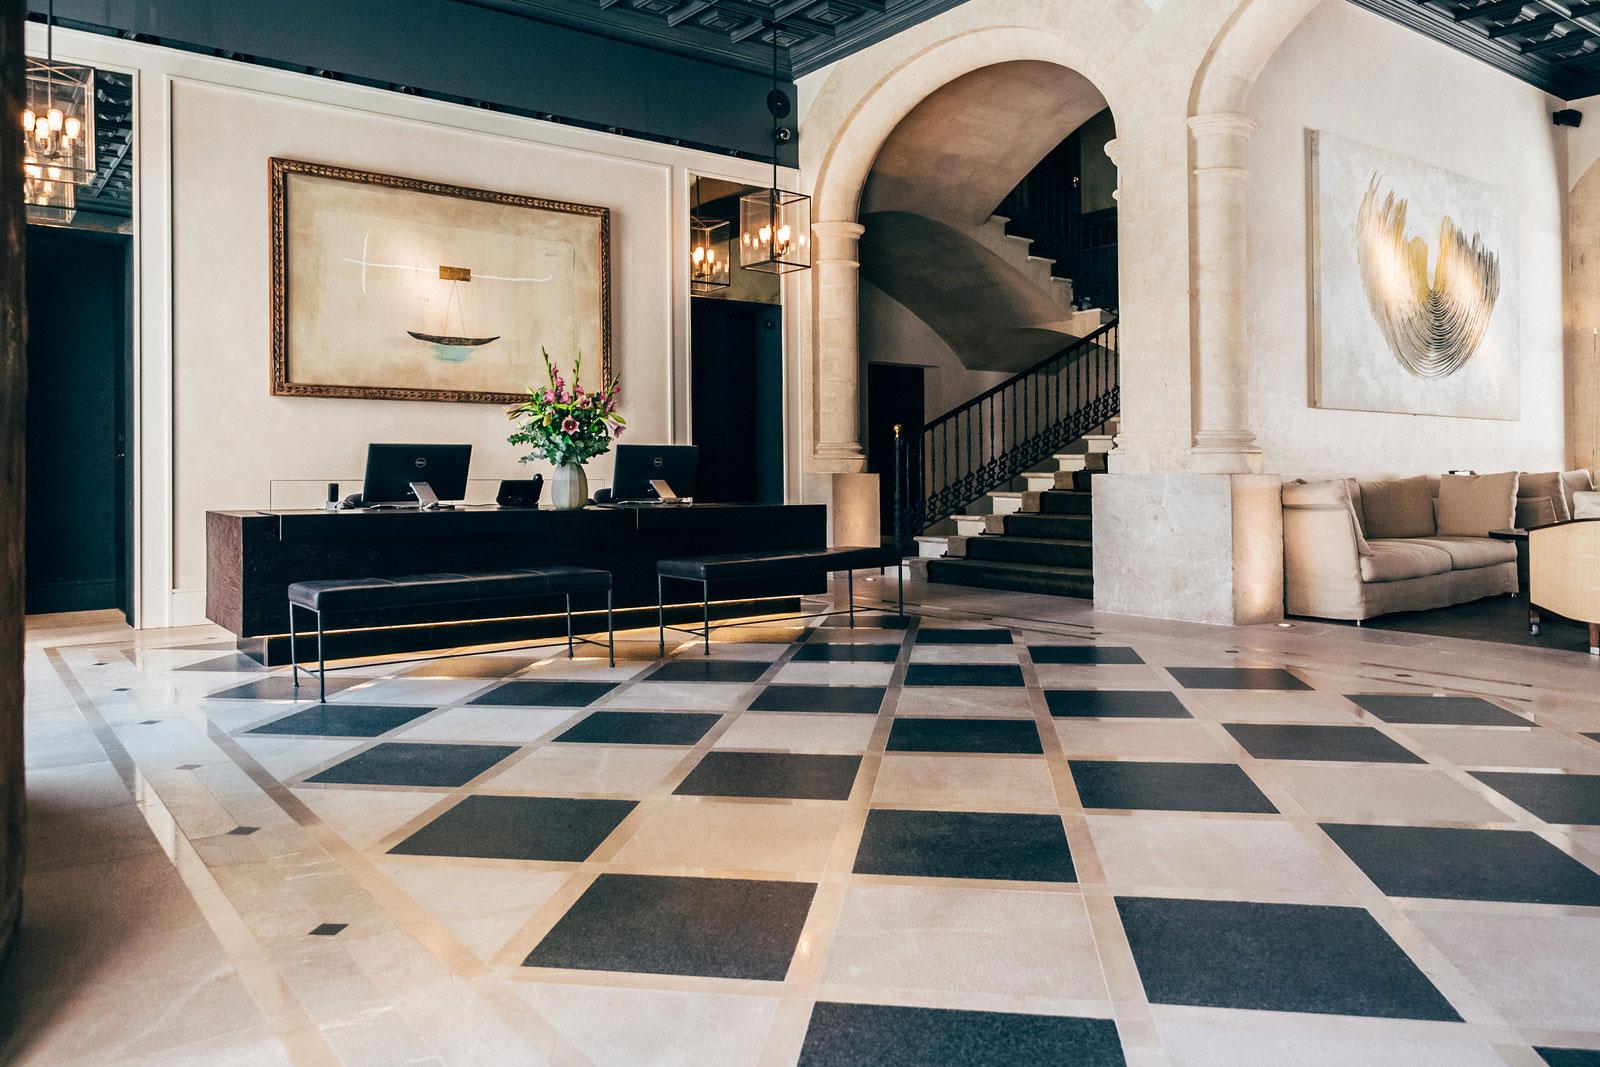 San Francesc Hotel in Palma de Mallorca-06